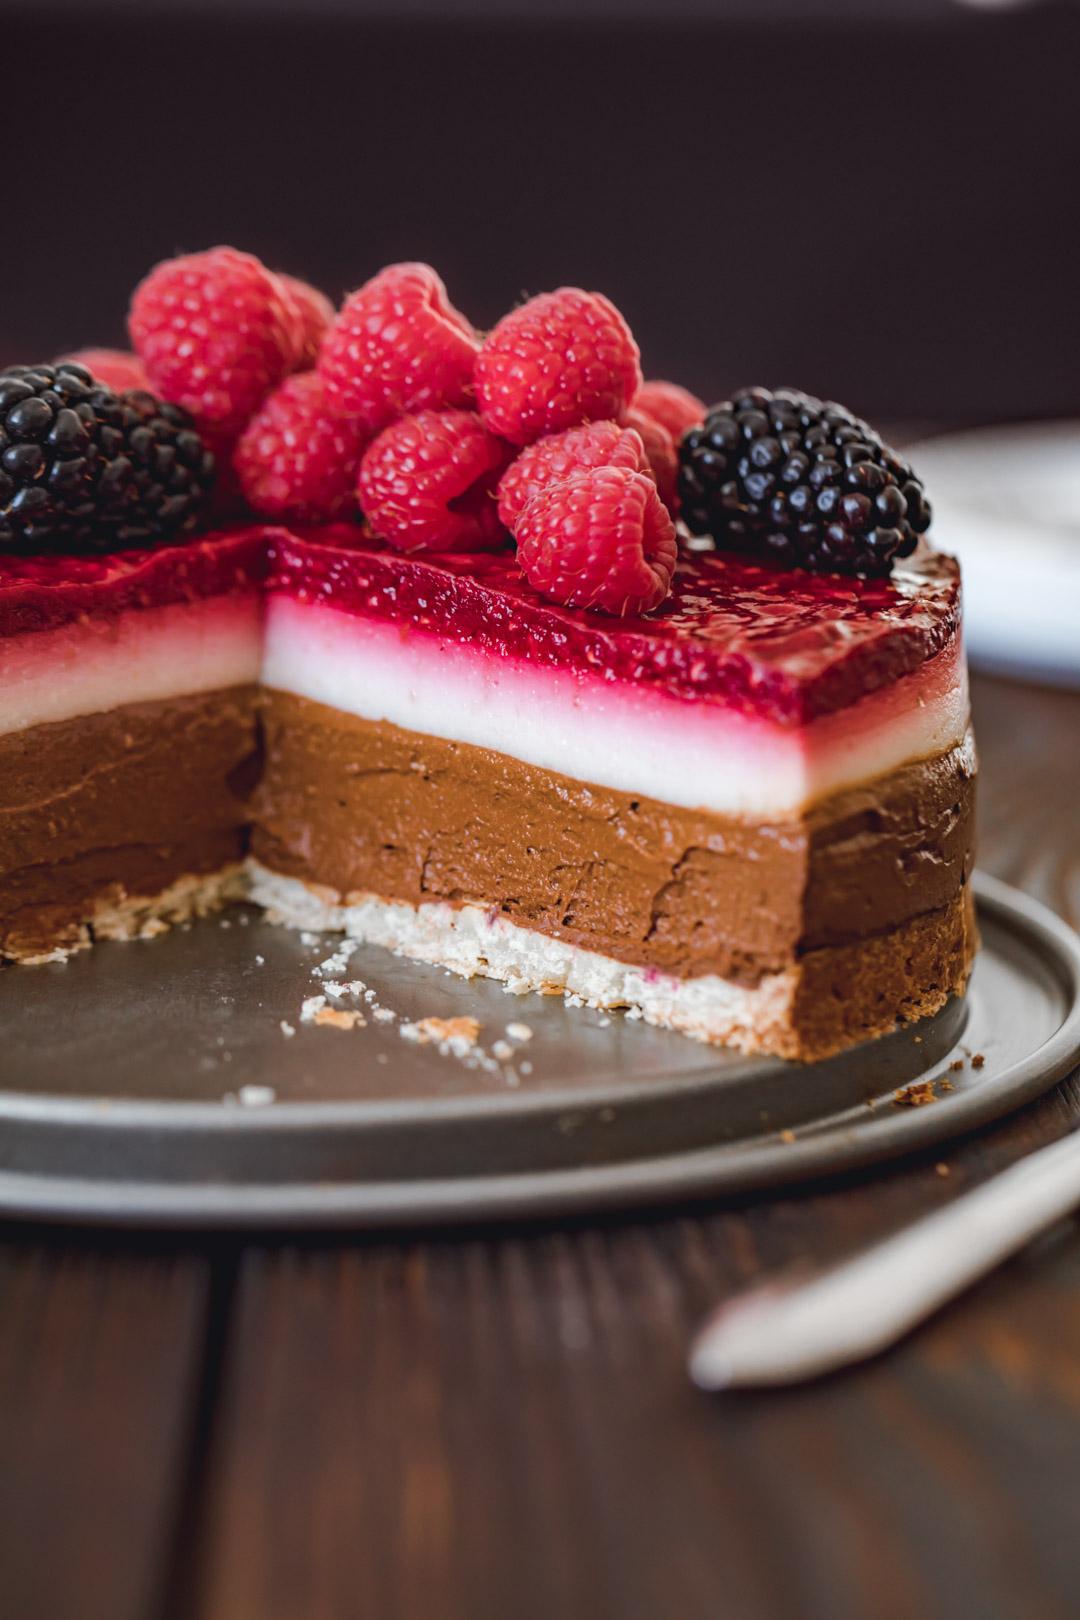 wegańskie ciasto czekoladowo-kokosowe z malinami